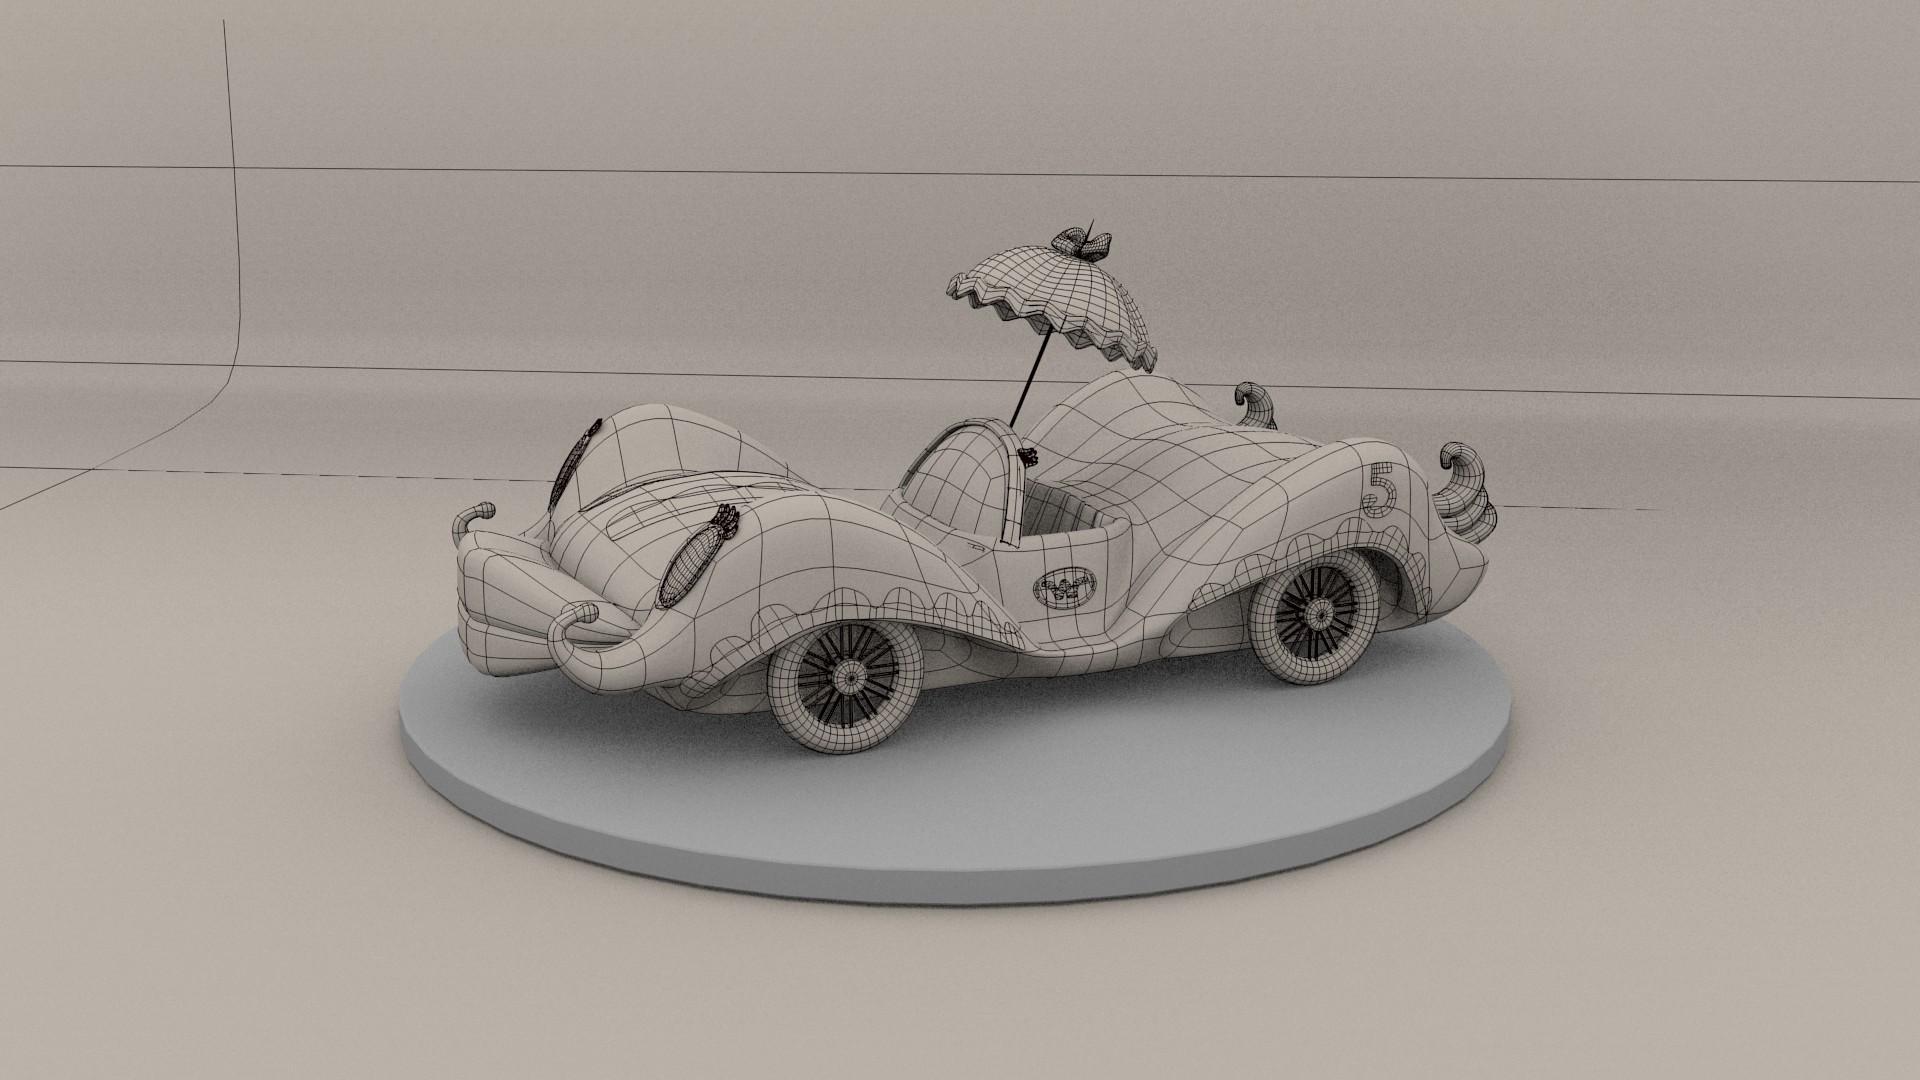 Los autos locos wacky races soliman-05-wire_el_compact_pussicat.jpg